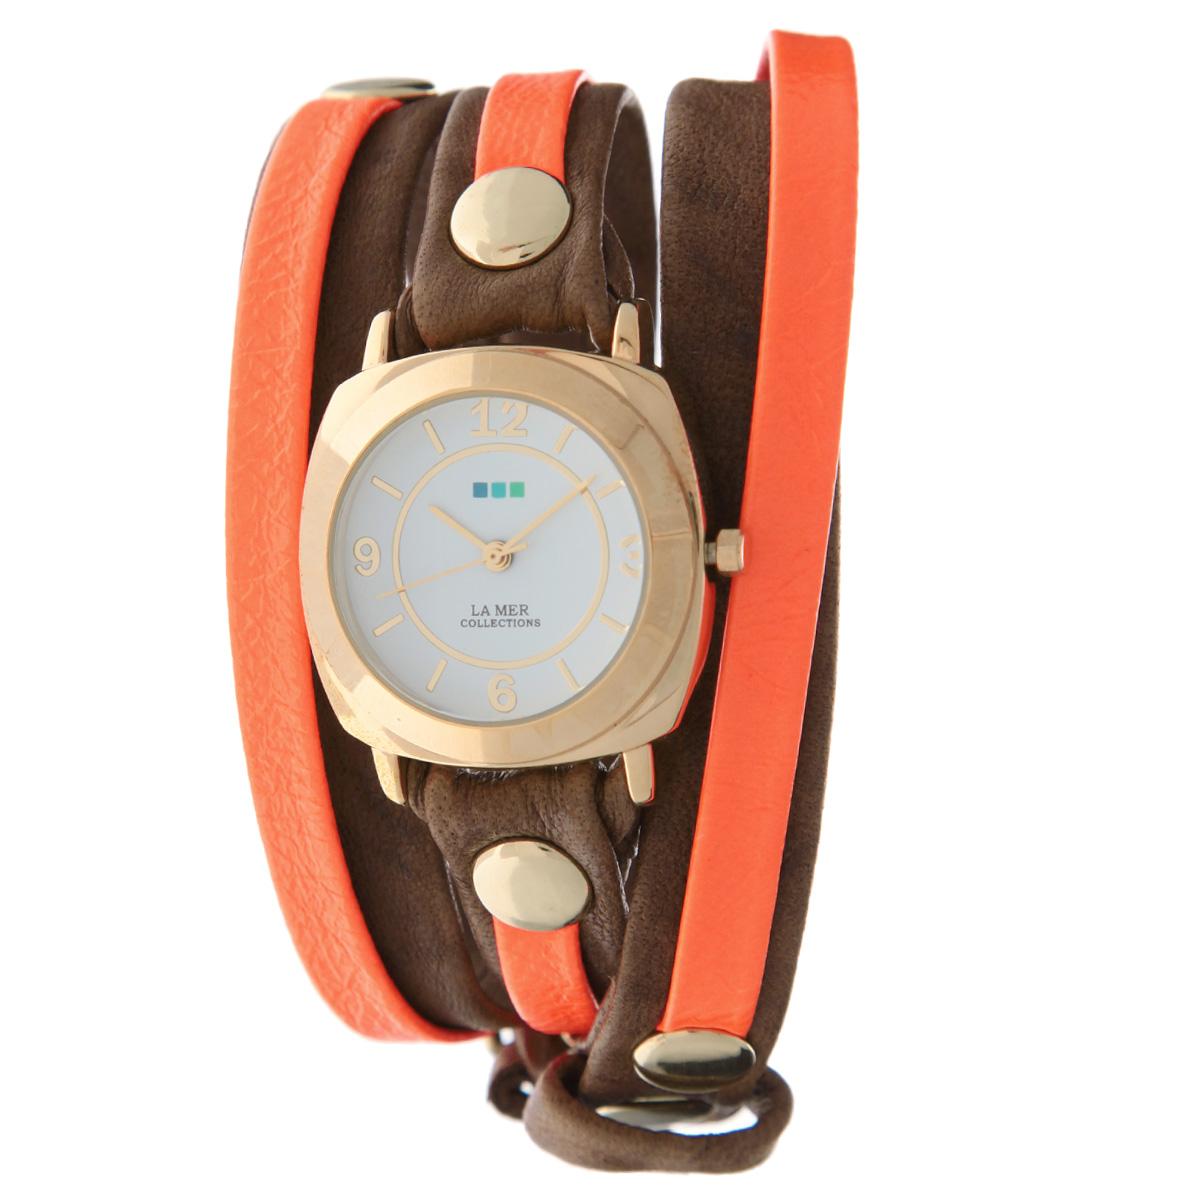 Часы наручные женские La Mer Collections Layer Odyssey Mocha Neon Orange. LMODYLY1002xLMODYLY1002xЖенские наручные часы  La Mer Collections позволят вам выделиться из толпы и подчеркнуть свою индивидуальность. Часы оснащены японским кварцевым механизмом SEIKO. Ремешок двухслойный, выполнен из натуральной итальянской кожи и декорирован металлическими заклепками, верхний ремешок в ярком оранжевом цвете. Корпус часов изготовлен из сплава металлов, золотистого цвета. Циферблат оснащен часовой, минутной и секундной стрелками и защищен минеральным стеклом. Часы застегиваются на классическую застежку. Часы хранятся на специальной подушечке в футляре из искусственной кожи, крышка которого оформлена логотипом компании La Mer Collection. Характеристики: Размер циферблата: 29 х 29 х 8 мм. Размер ремешка: 550 х 13 мм. Не содержат никель. Не водостойкие. Собираются вручную в США. Ширина верхнего слоя ремешка: 6 мм.